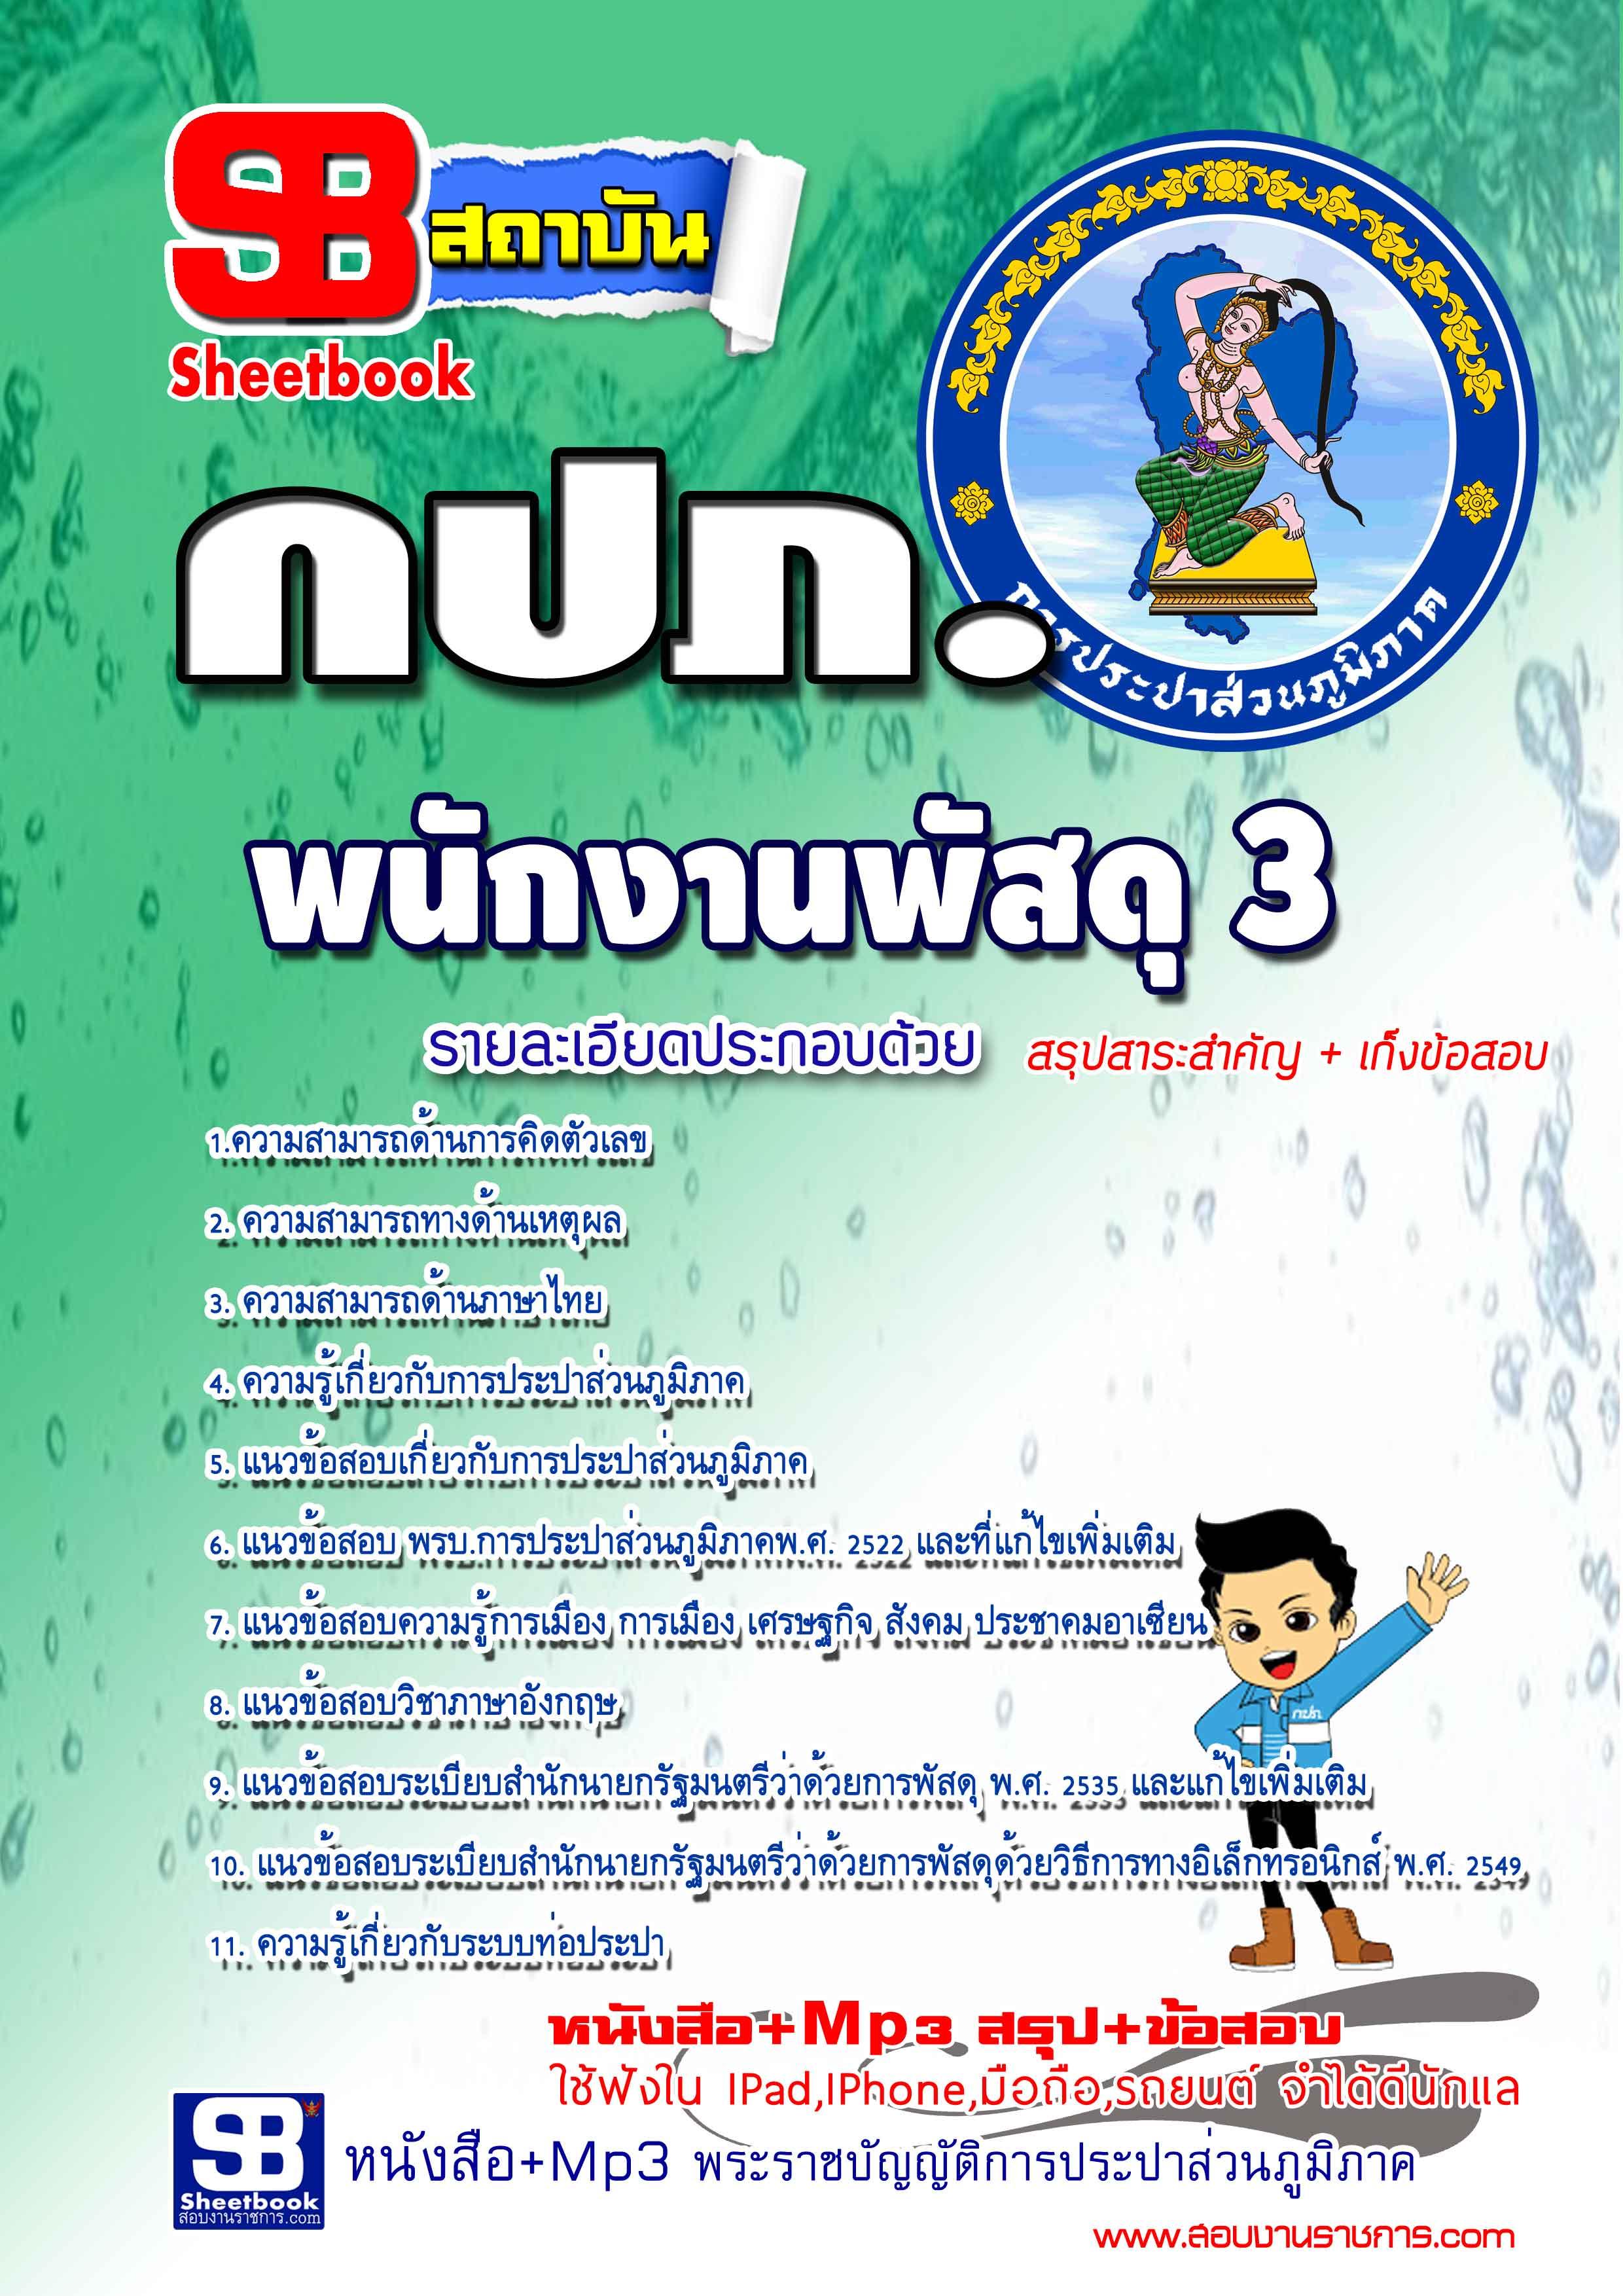 หนังสือสอบ พนักงานพัสดุ 3 การประปาส่วนภูมิภาค (กปภ)